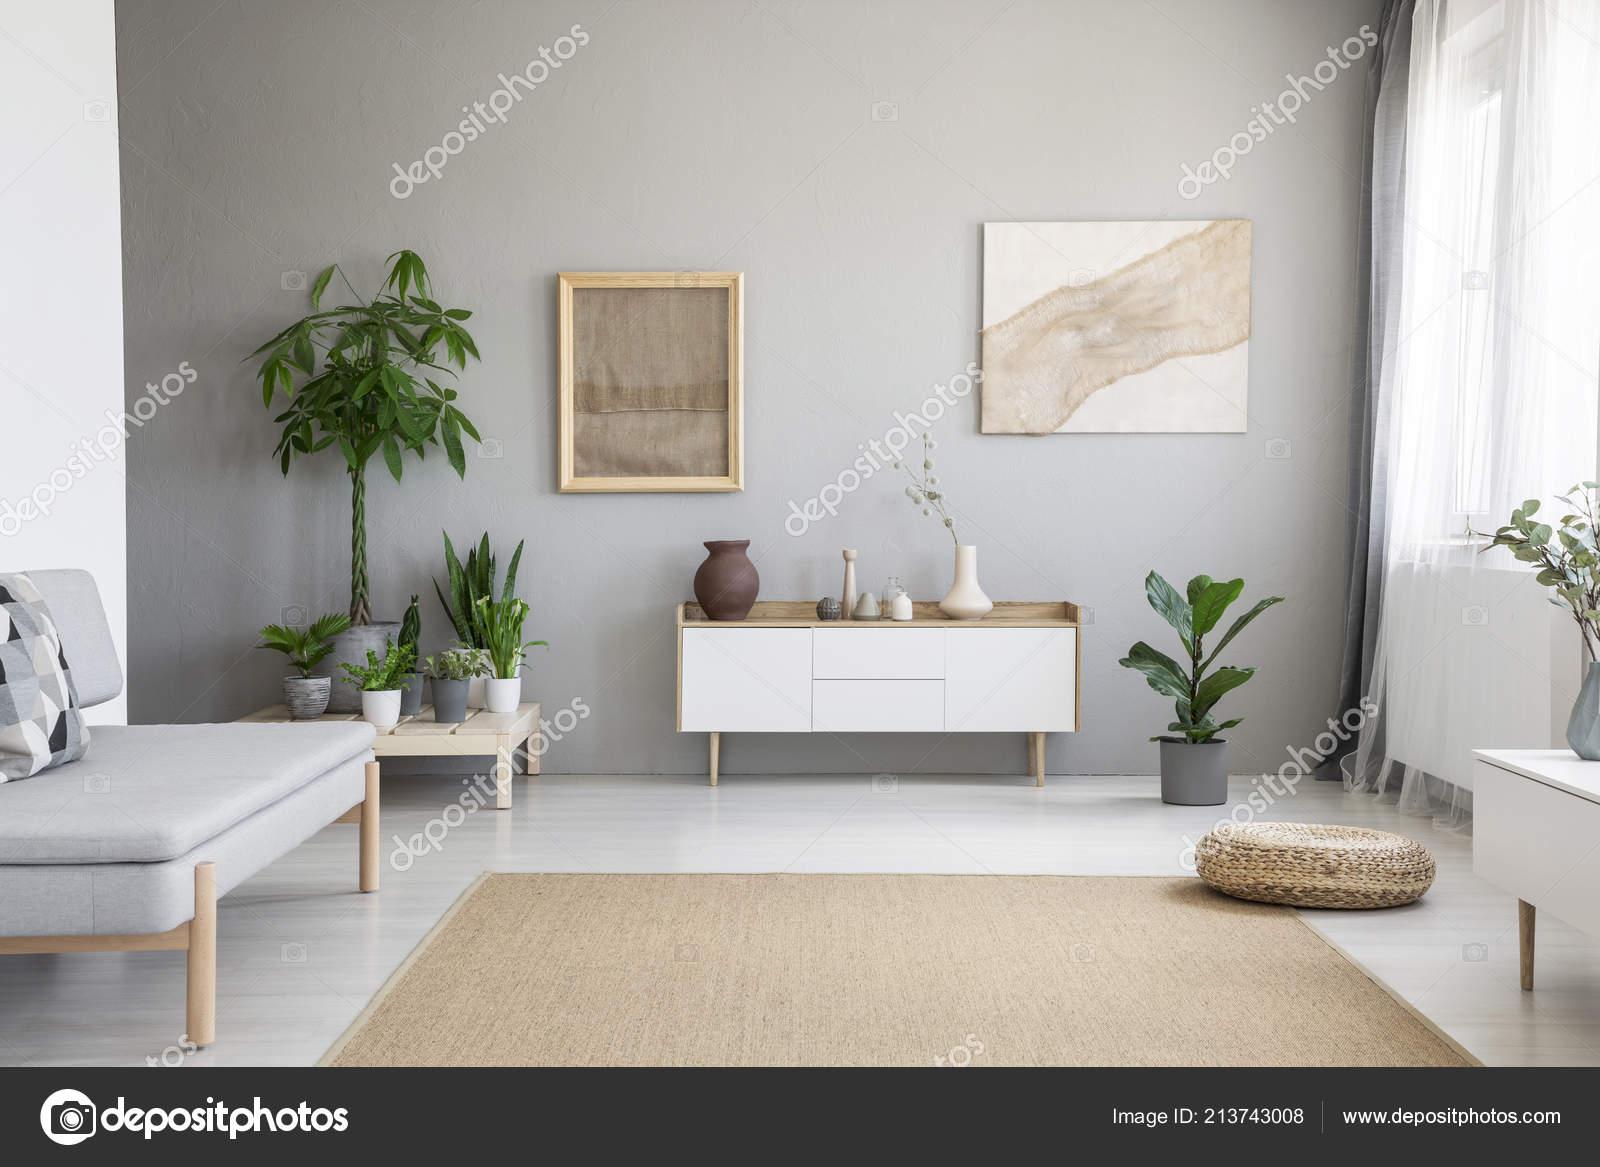 Posters Grijs Muur Boven Witte Kast Woonkamer Interieur Met